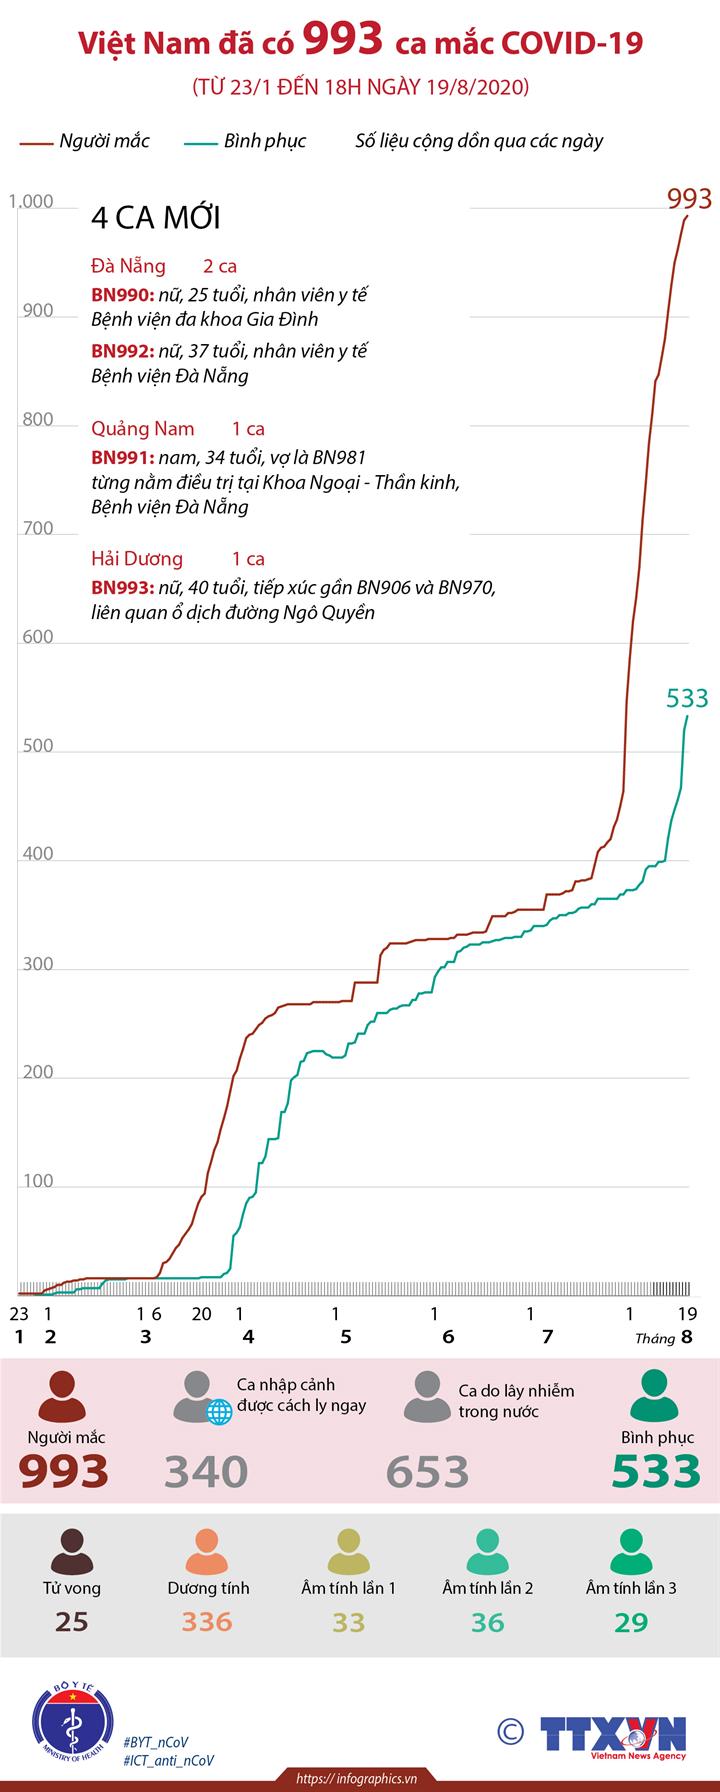 Việt Nam đã có 993 ca mắc COVID-19 (từ 23/1 đến 18h ngày 19/8/2020)